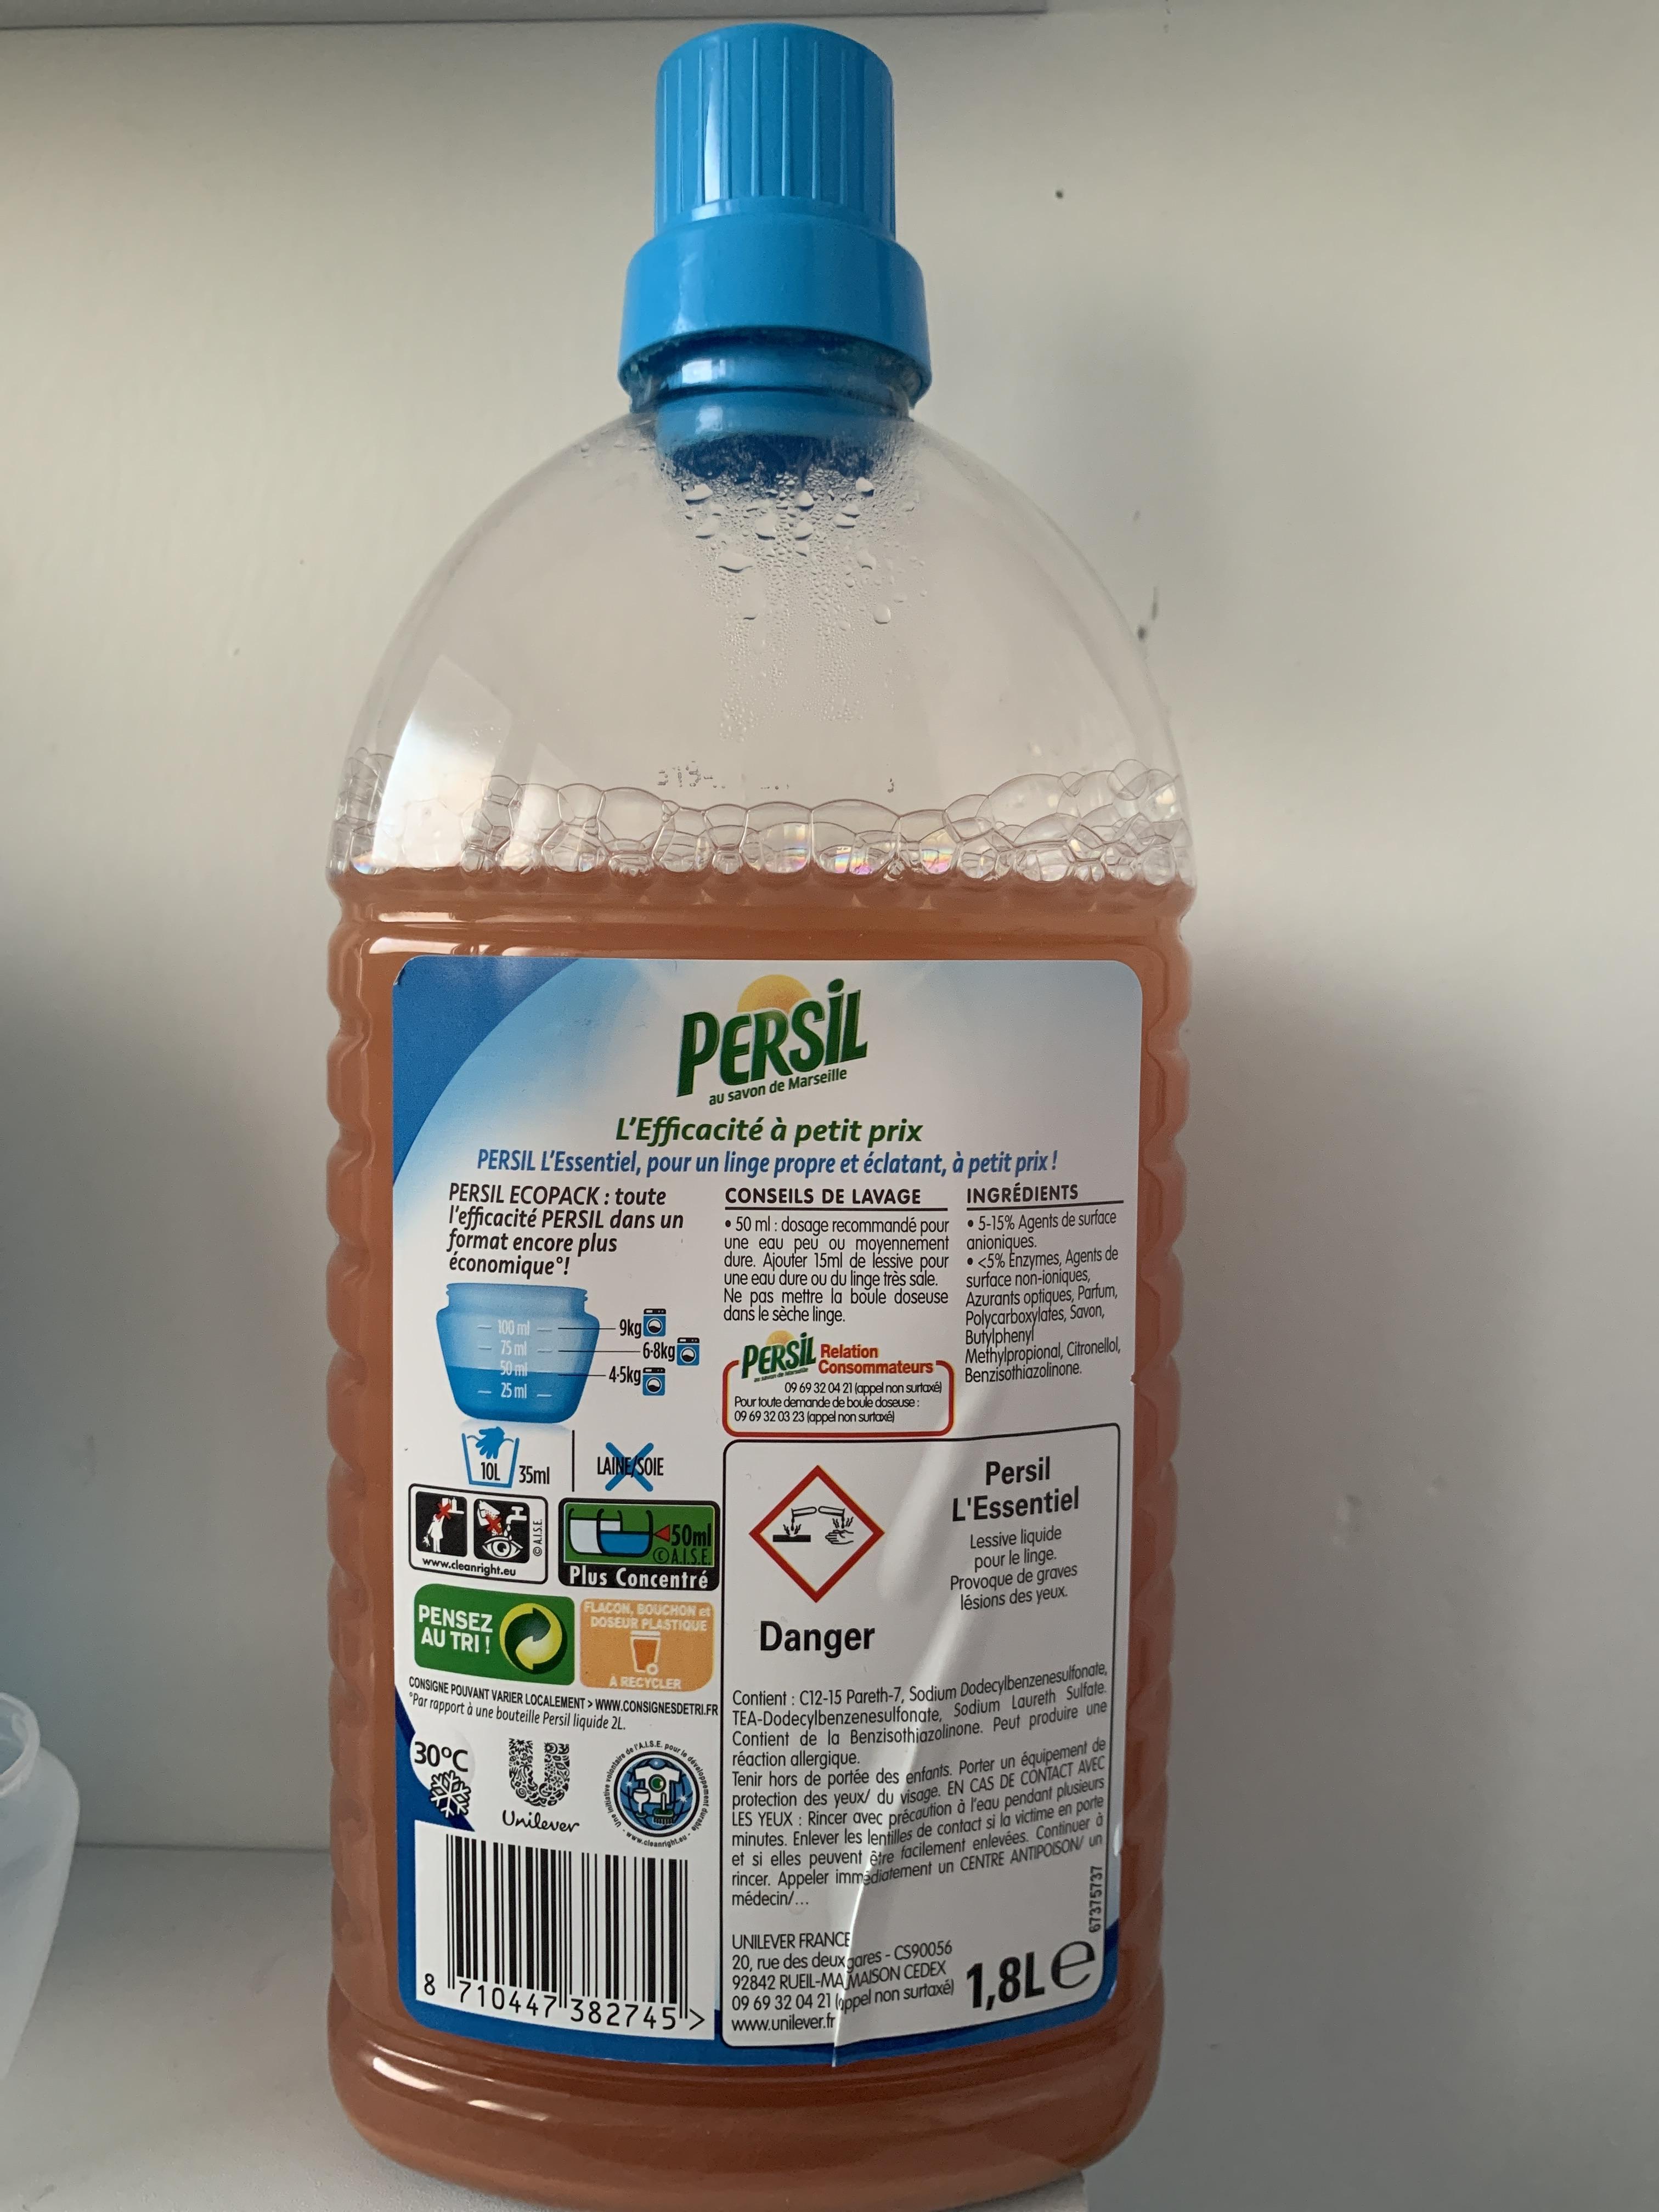 troc de troc fabrication de lessive biologique sur demande image 2